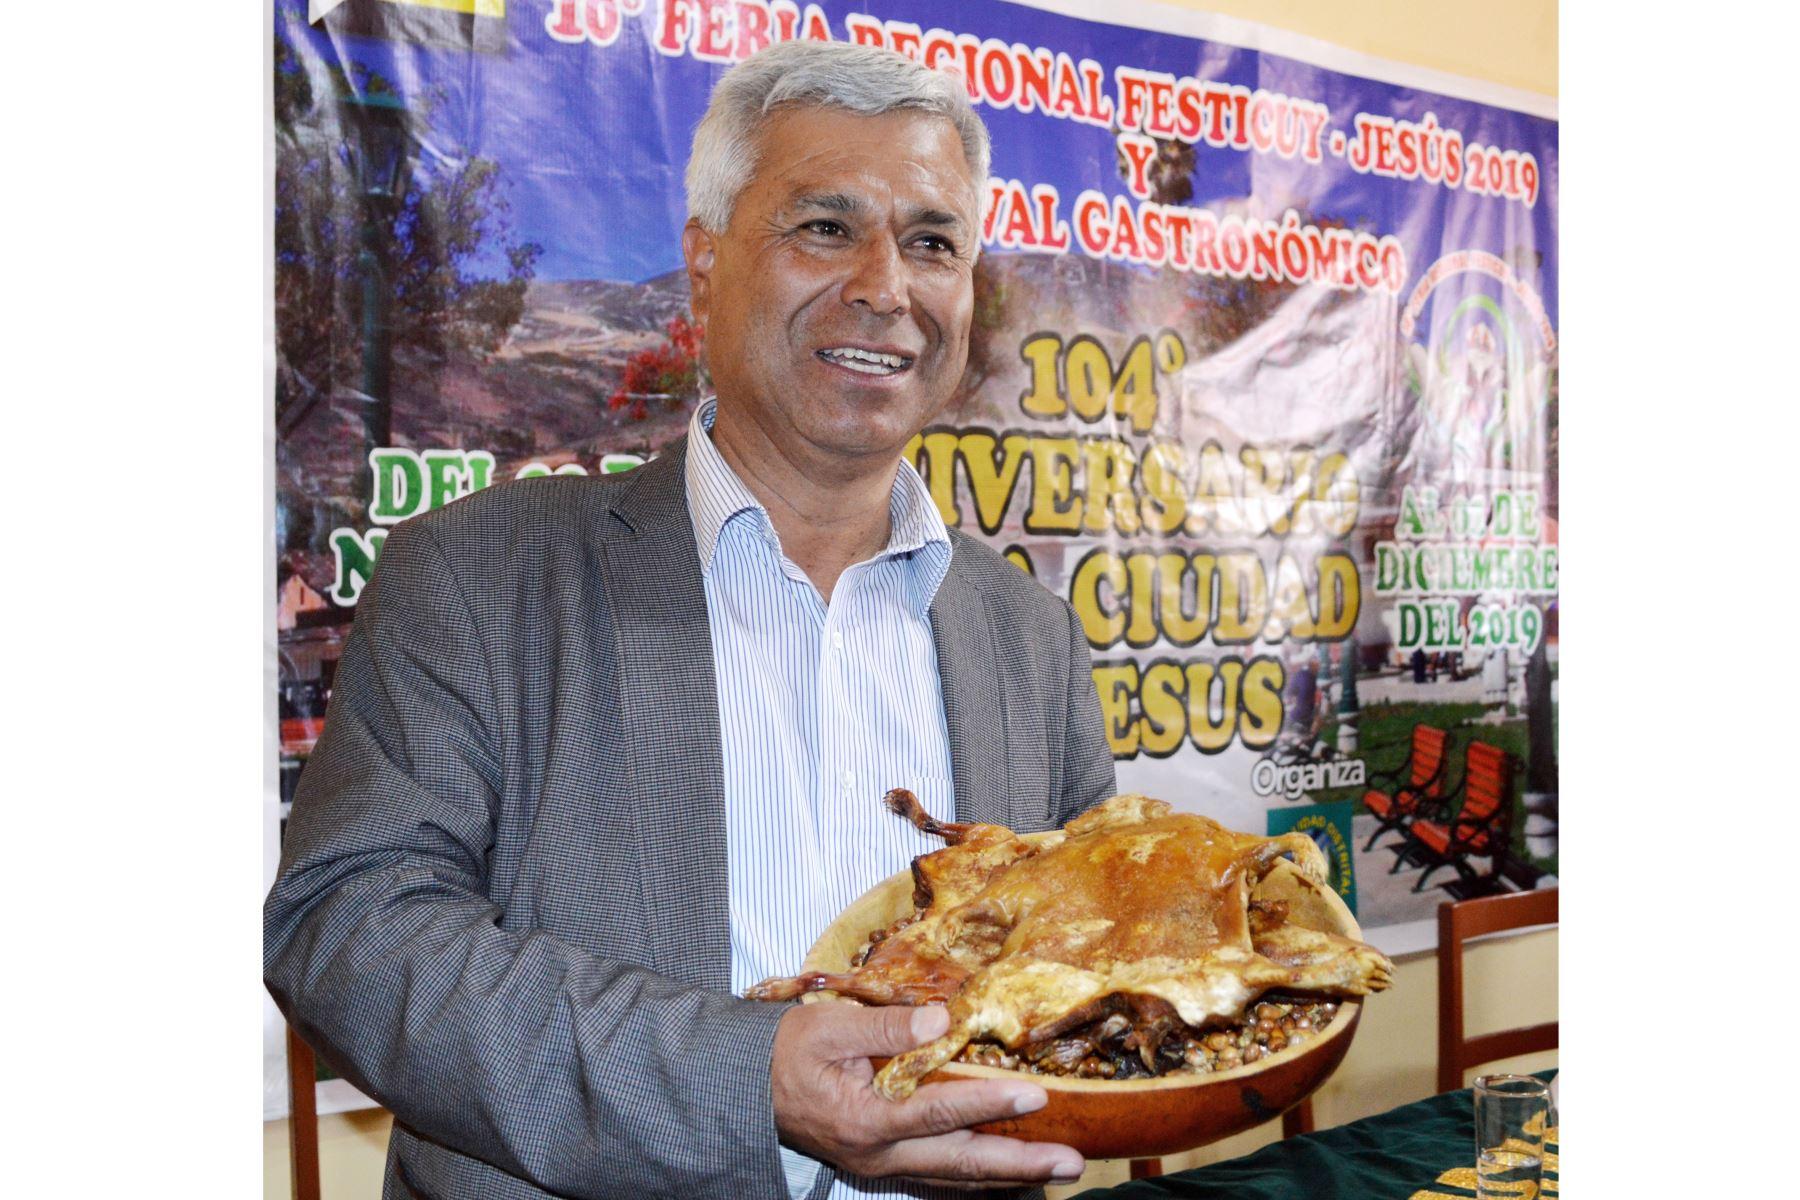 El alcalde distrital de Jesús (Cajamarca), Marco Ruiz Ortiz, invitó a participar en el X Festival del Cuy, que se desarrollará este fin de semana. Foto: Cortesía/Eduard Lozano Julca